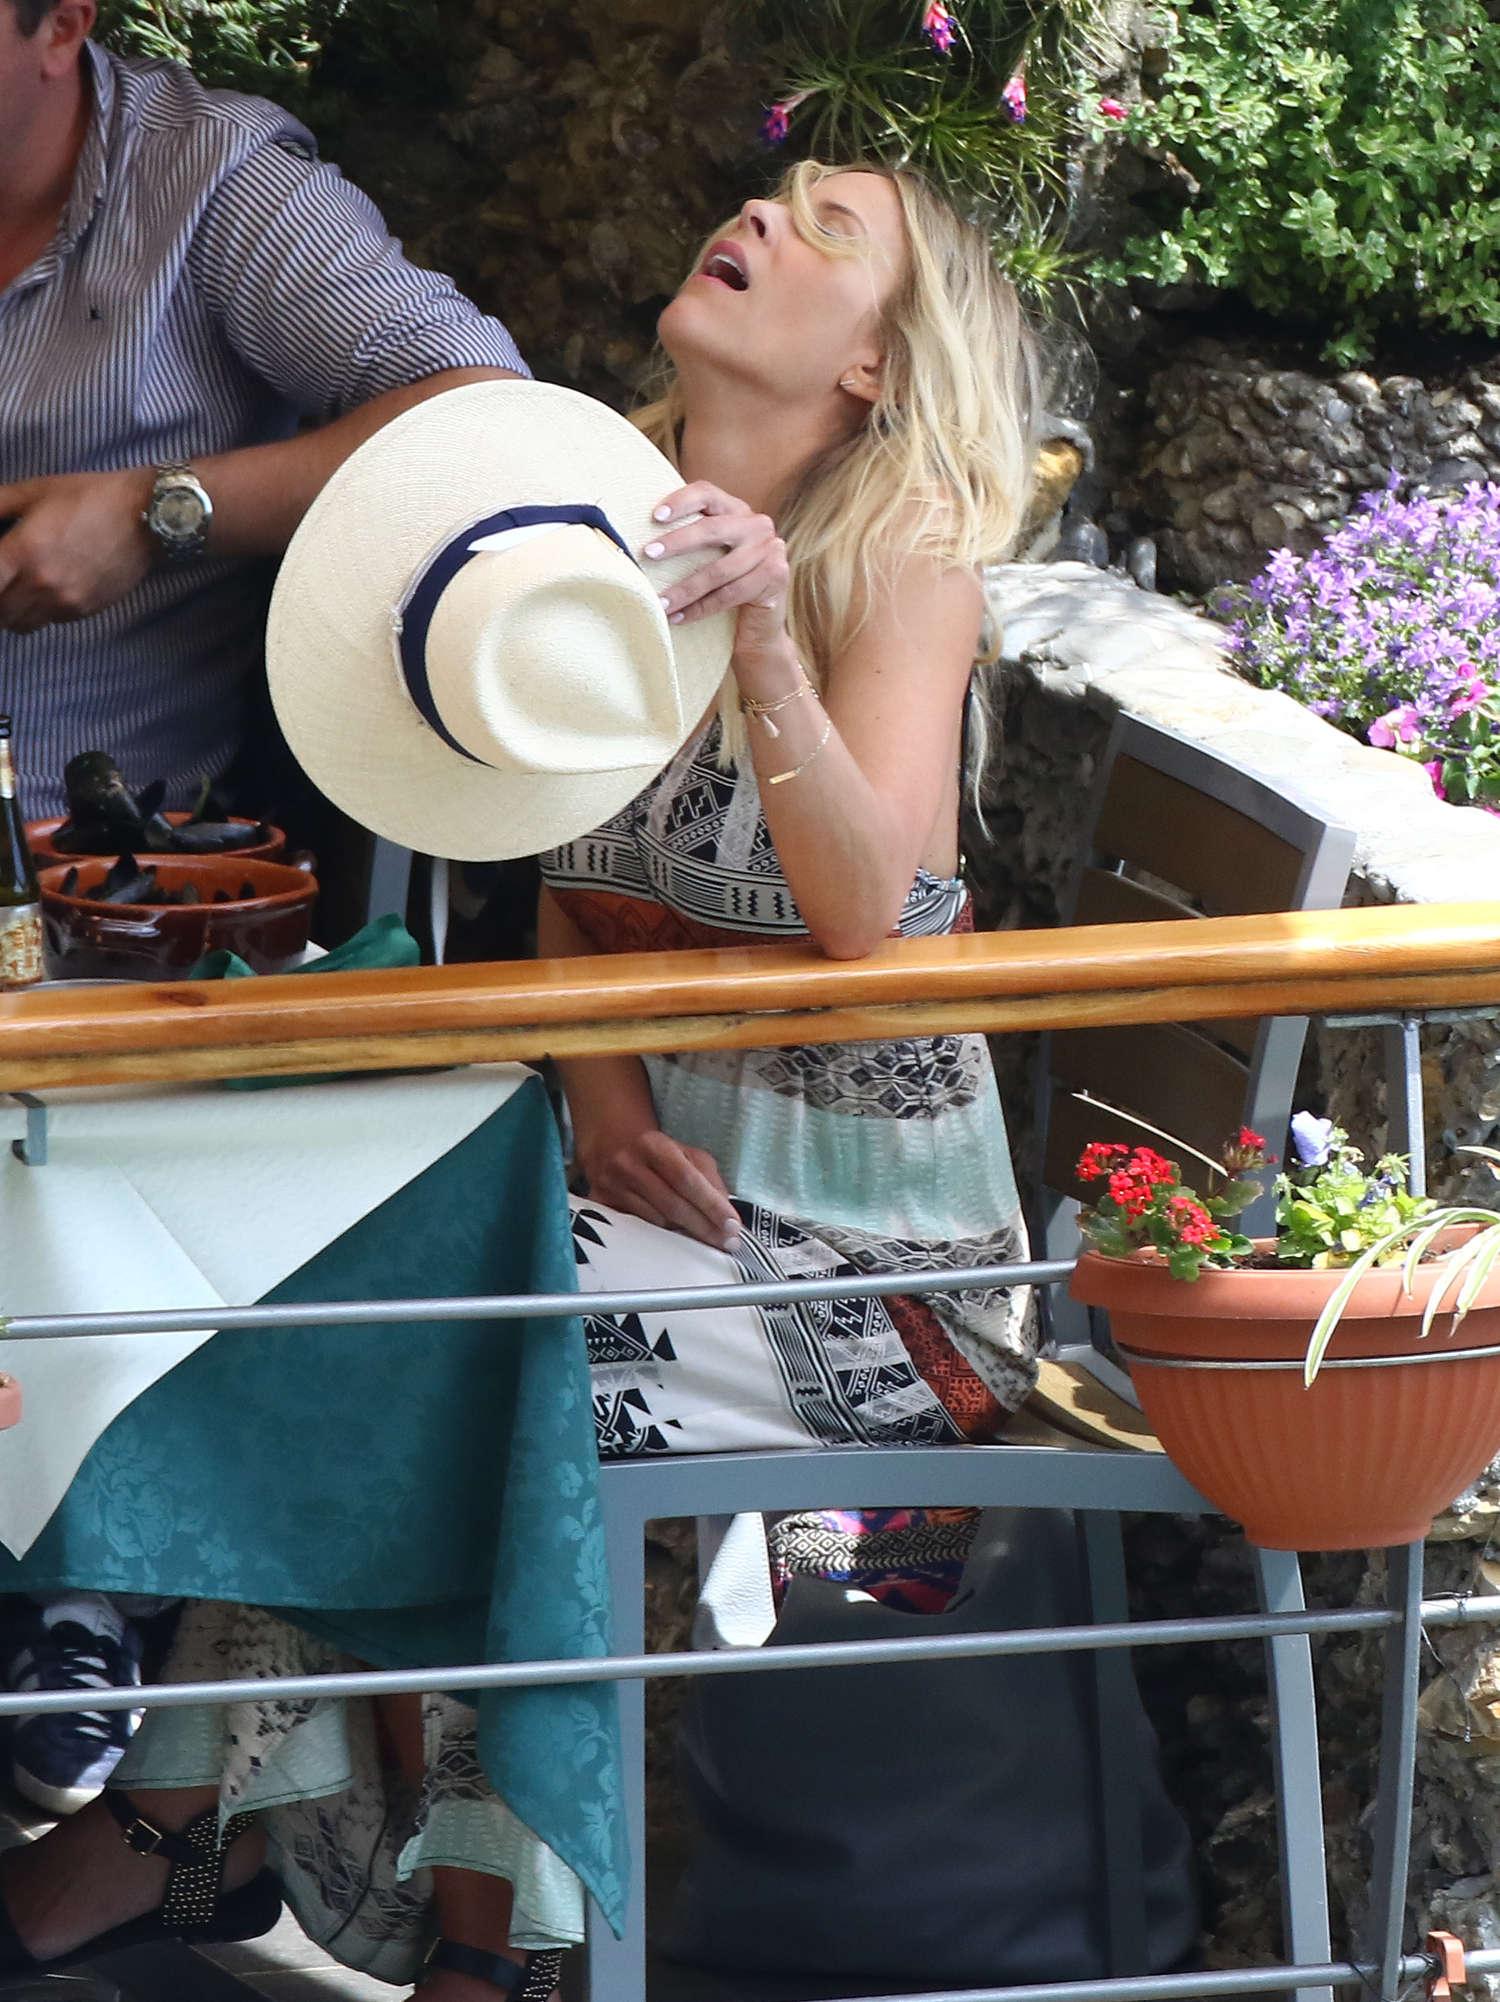 Brittany Daniel Bikini Candids in Portofino